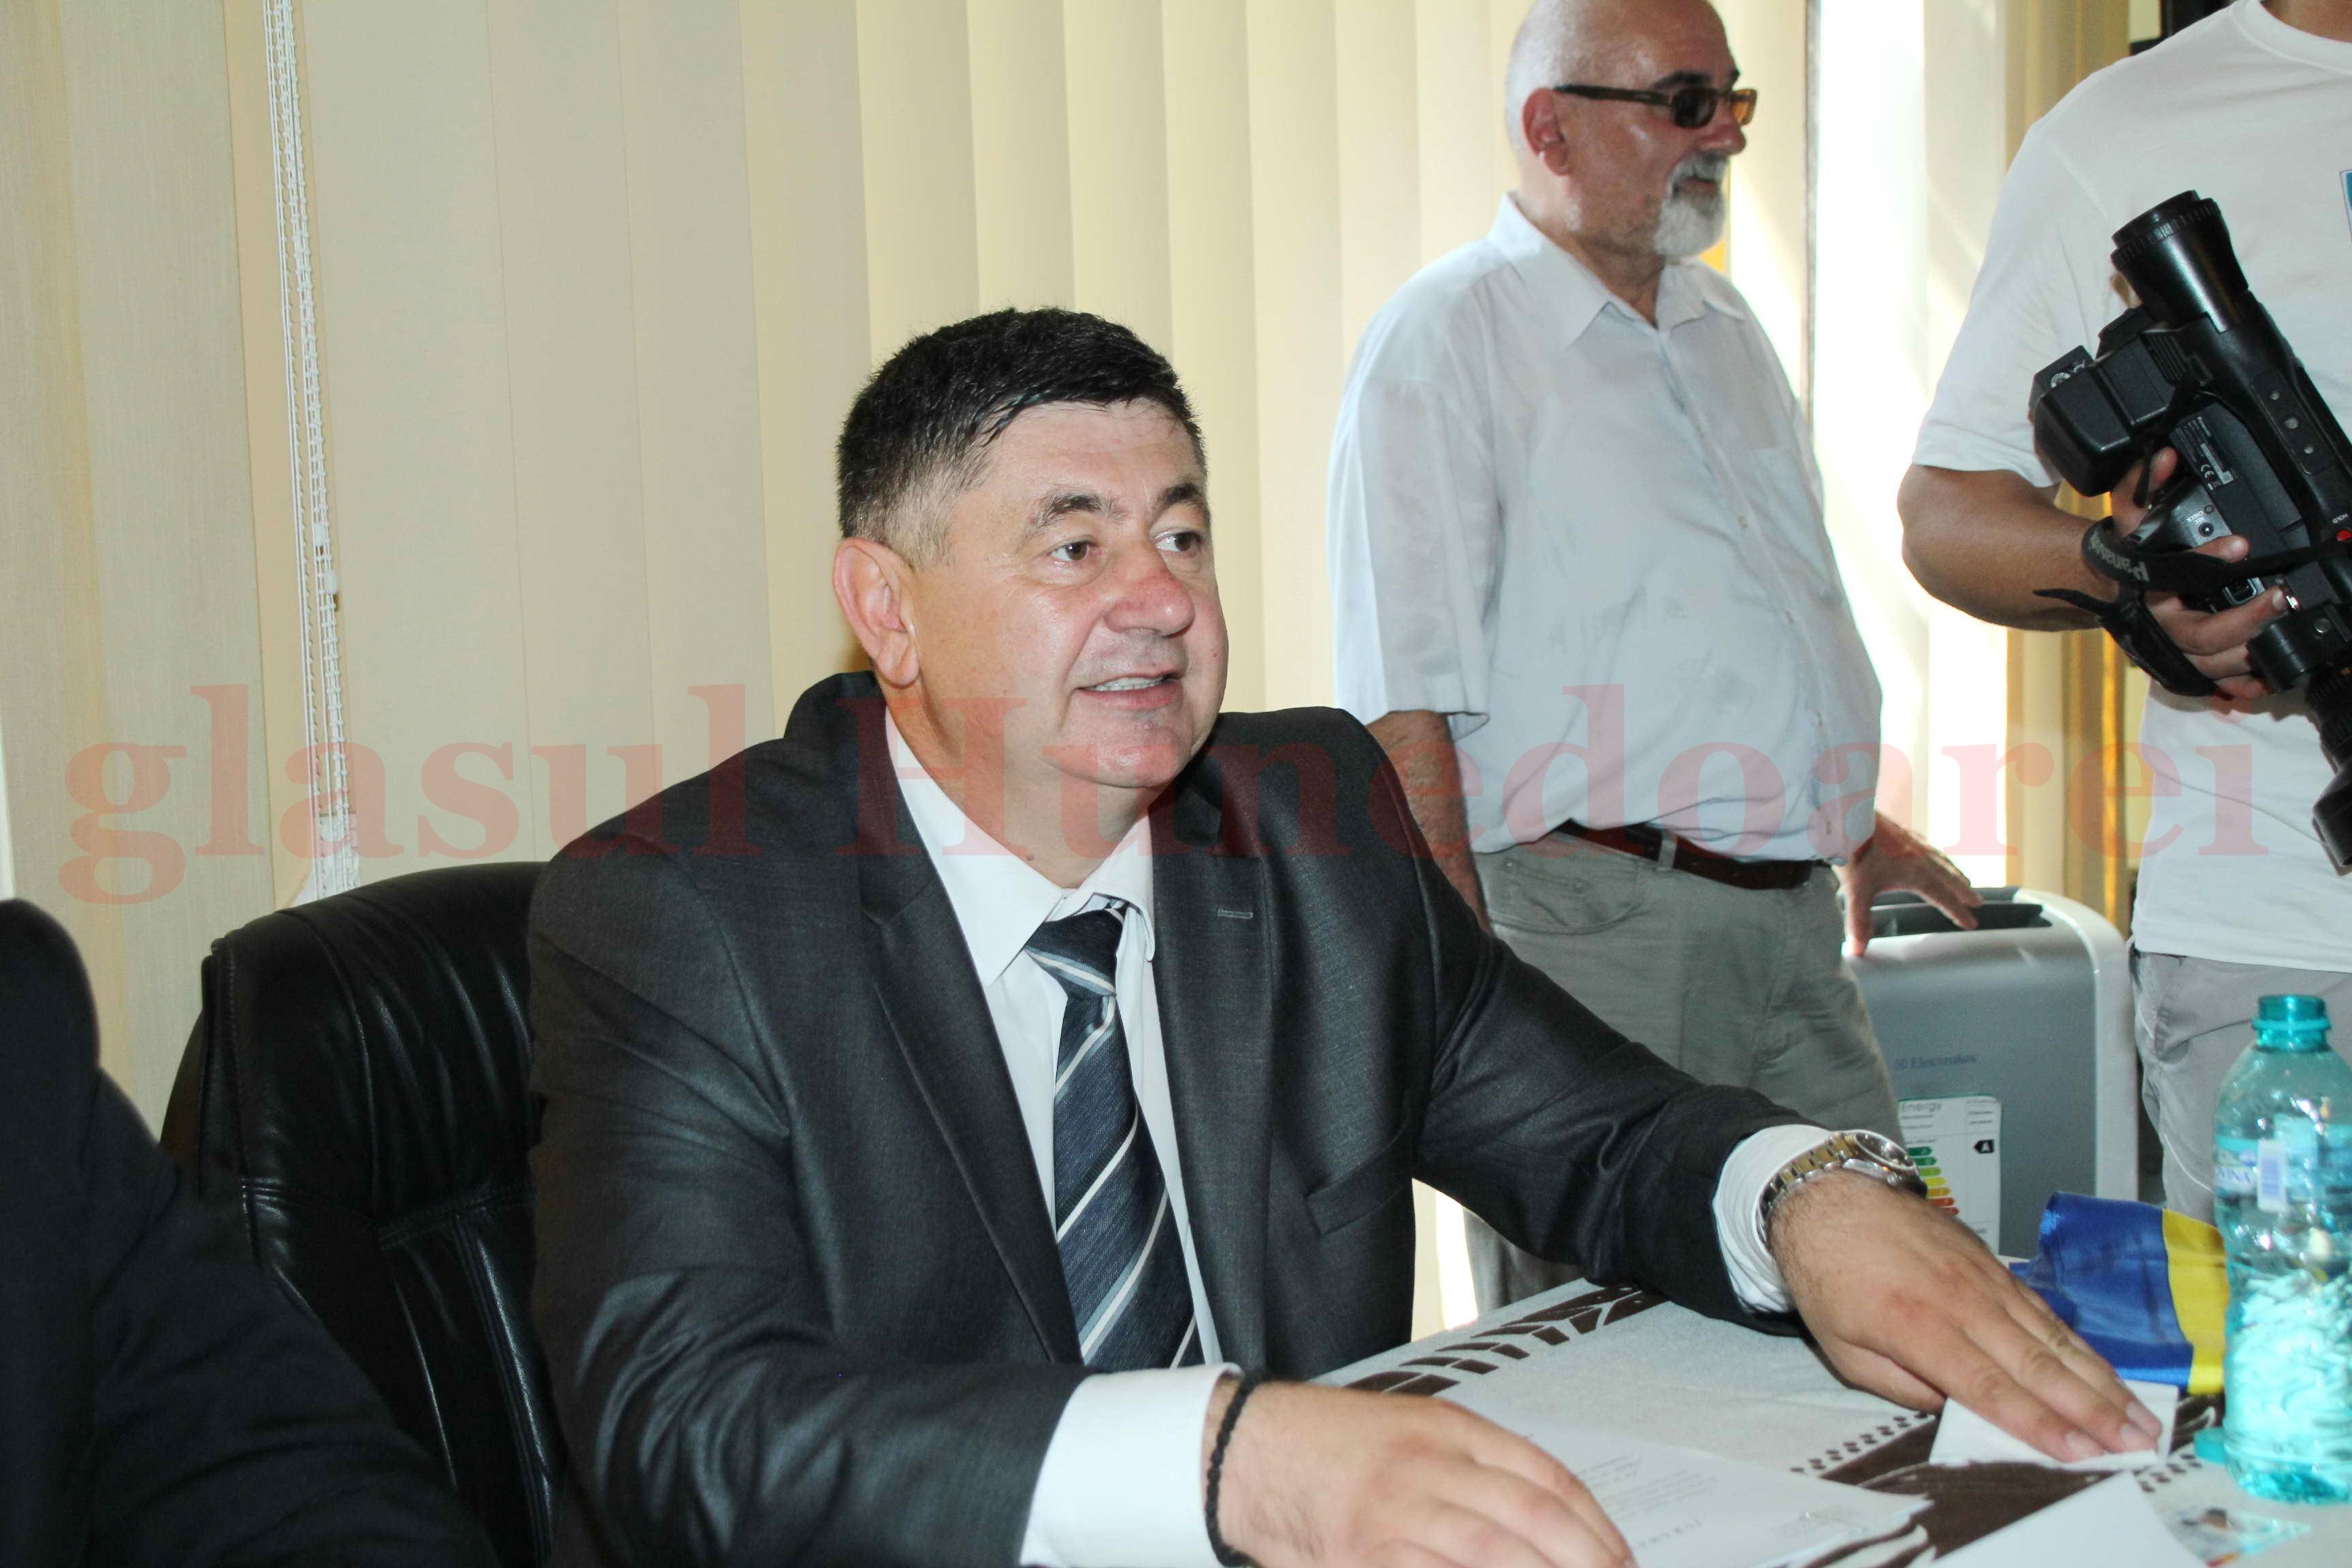 Photo of Contestația lui Petru Mărginean împotriva mandatului noului primar al Devei a fost respinsă definitiv